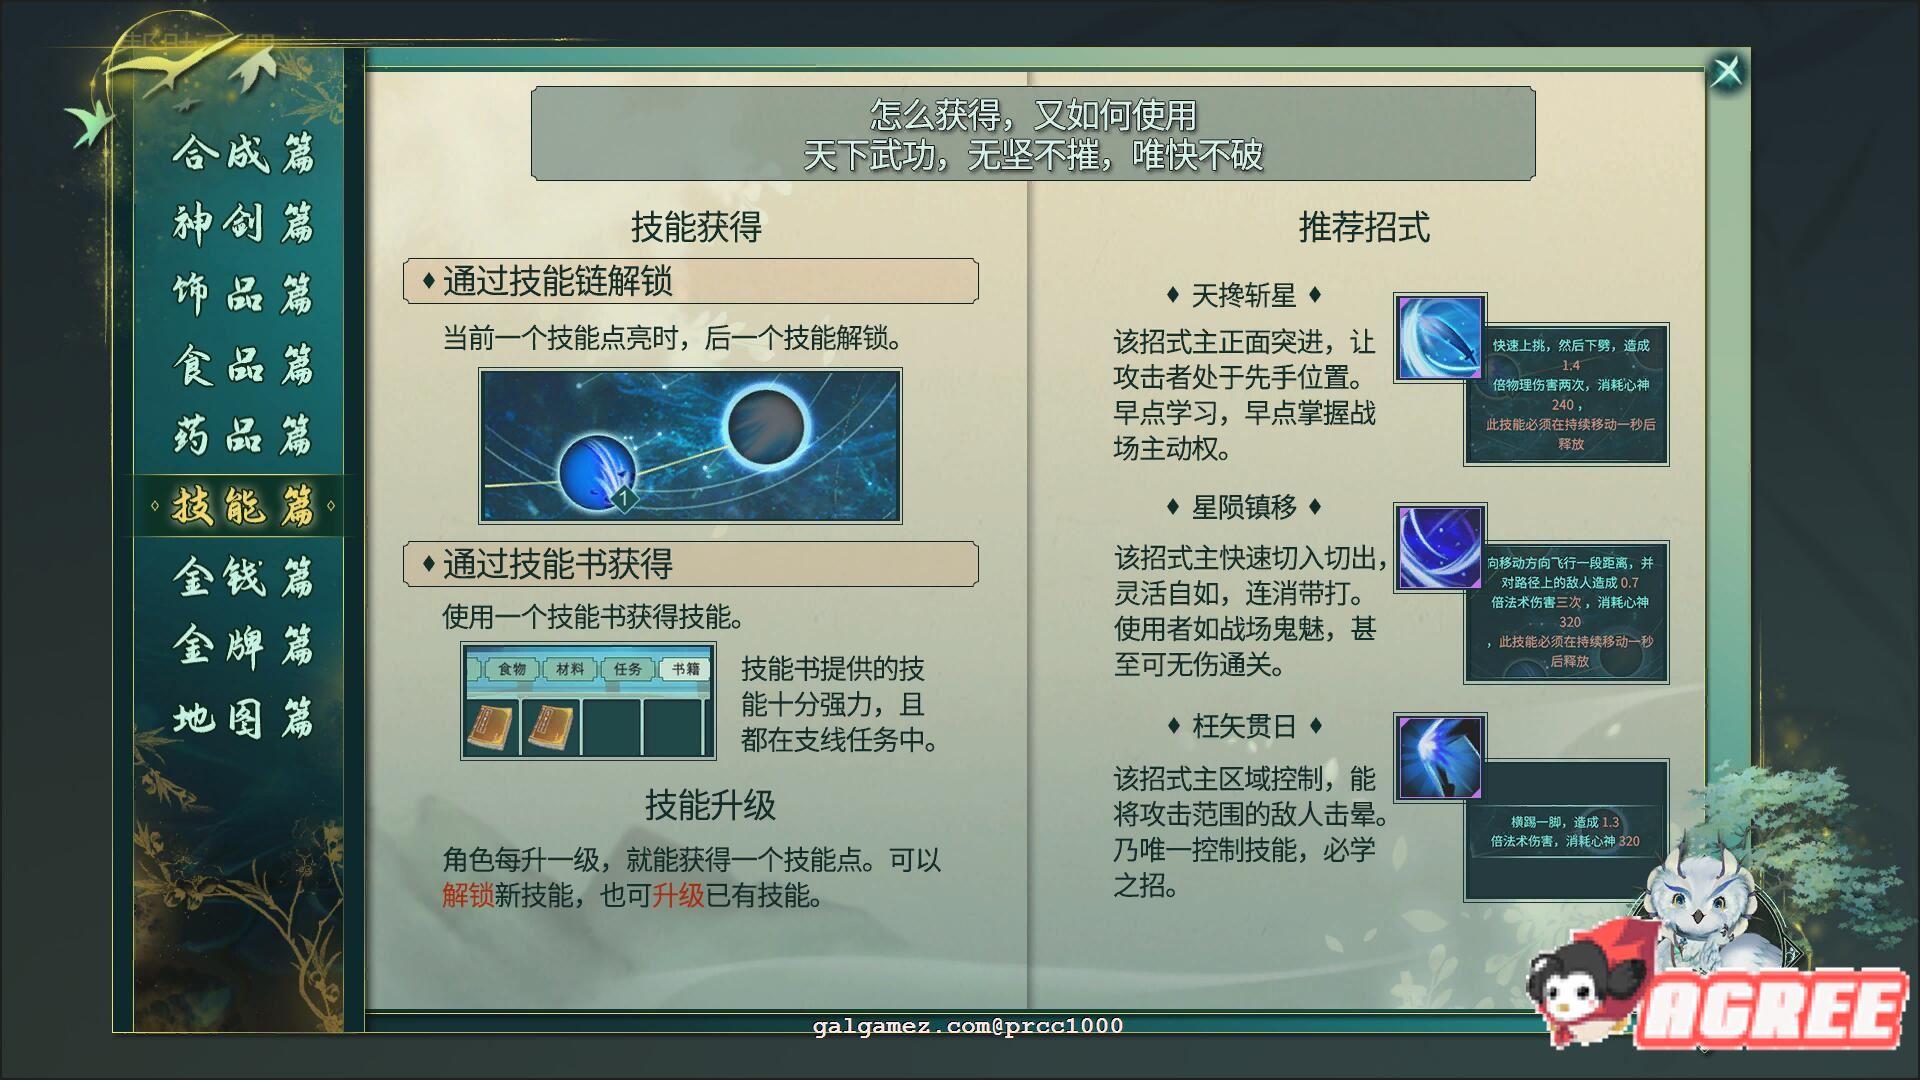 【大型RPG/中文/全动态】烈山海-BMS1 STEAM官方中文步兵版[极品国风] 【3.7G/新作】 12